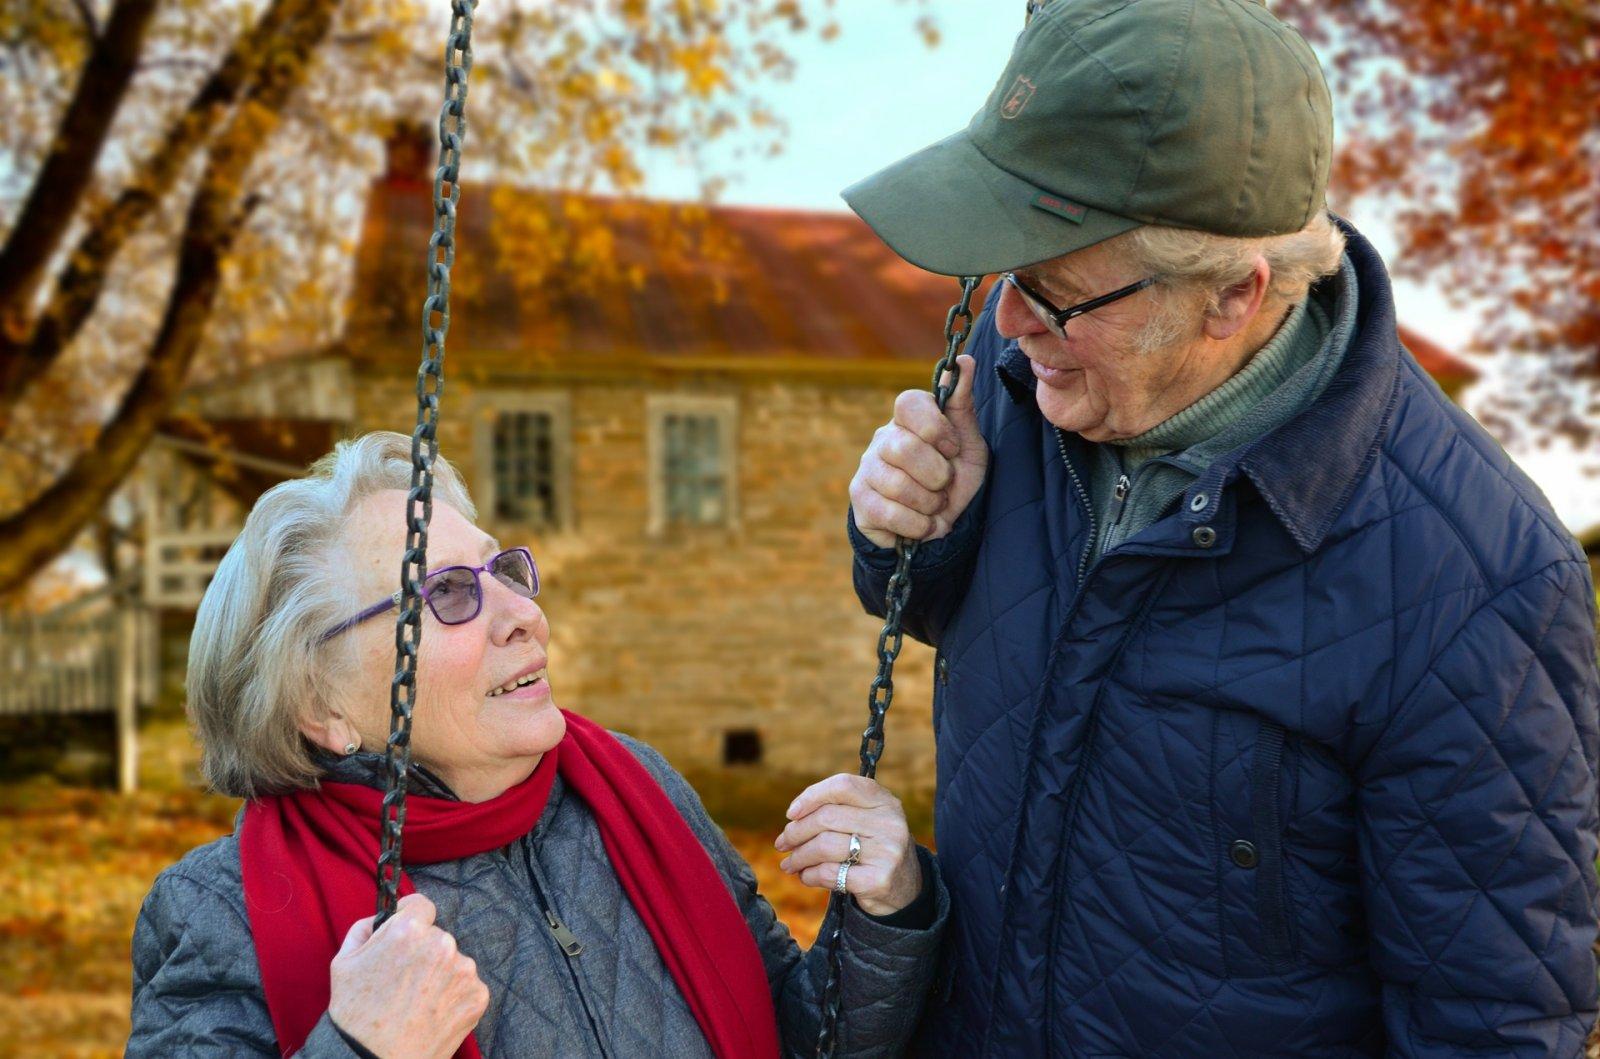 Un fàrmac podria reduir els efectes del Parkinson